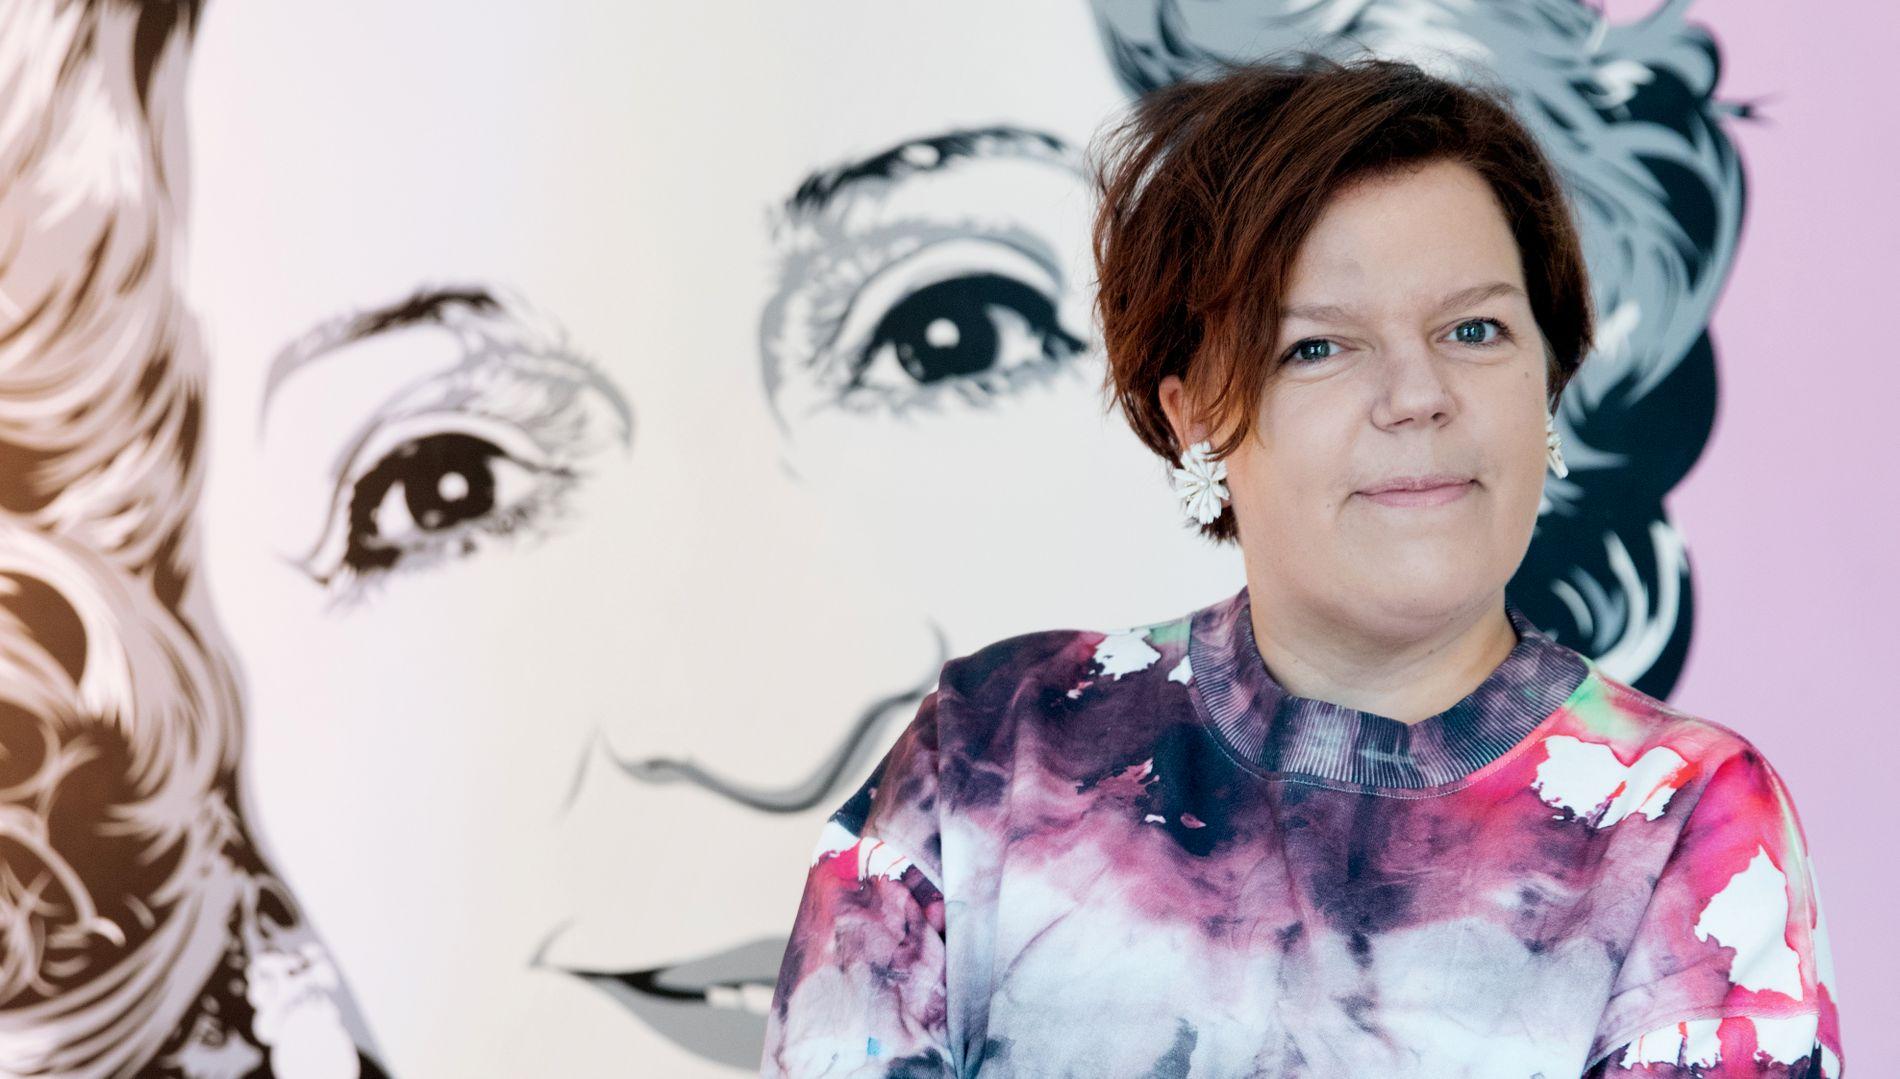 ELSE OM SELVMORD: - Alle må få vite at det er normalt å ha det vondt noen ganger, at det er noe vi må regne med, men at det finnes andre muligheter enn å ta livet sitt, skriver Else Kåss Furuseth. Hun er klar med en ny serie om selvmord, som har premiere på TV Norge i kveld.